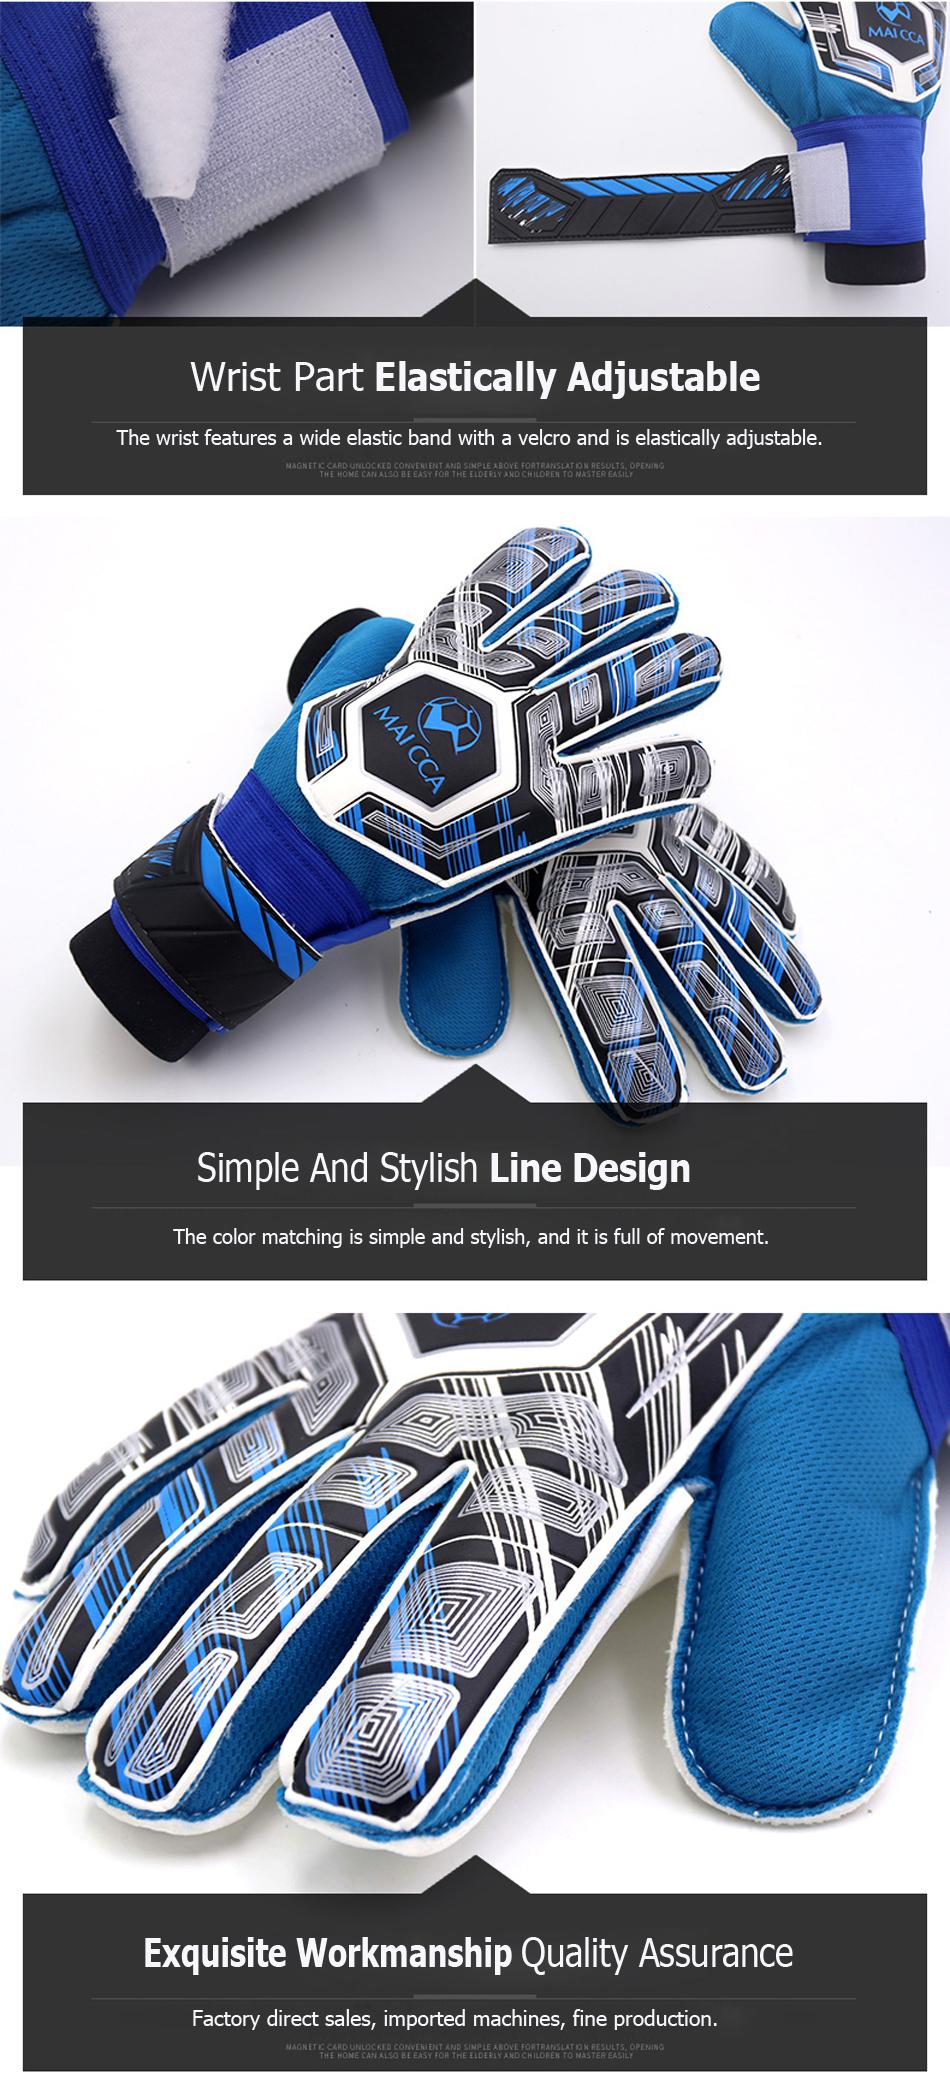 22_Goalkeeper_Gloves